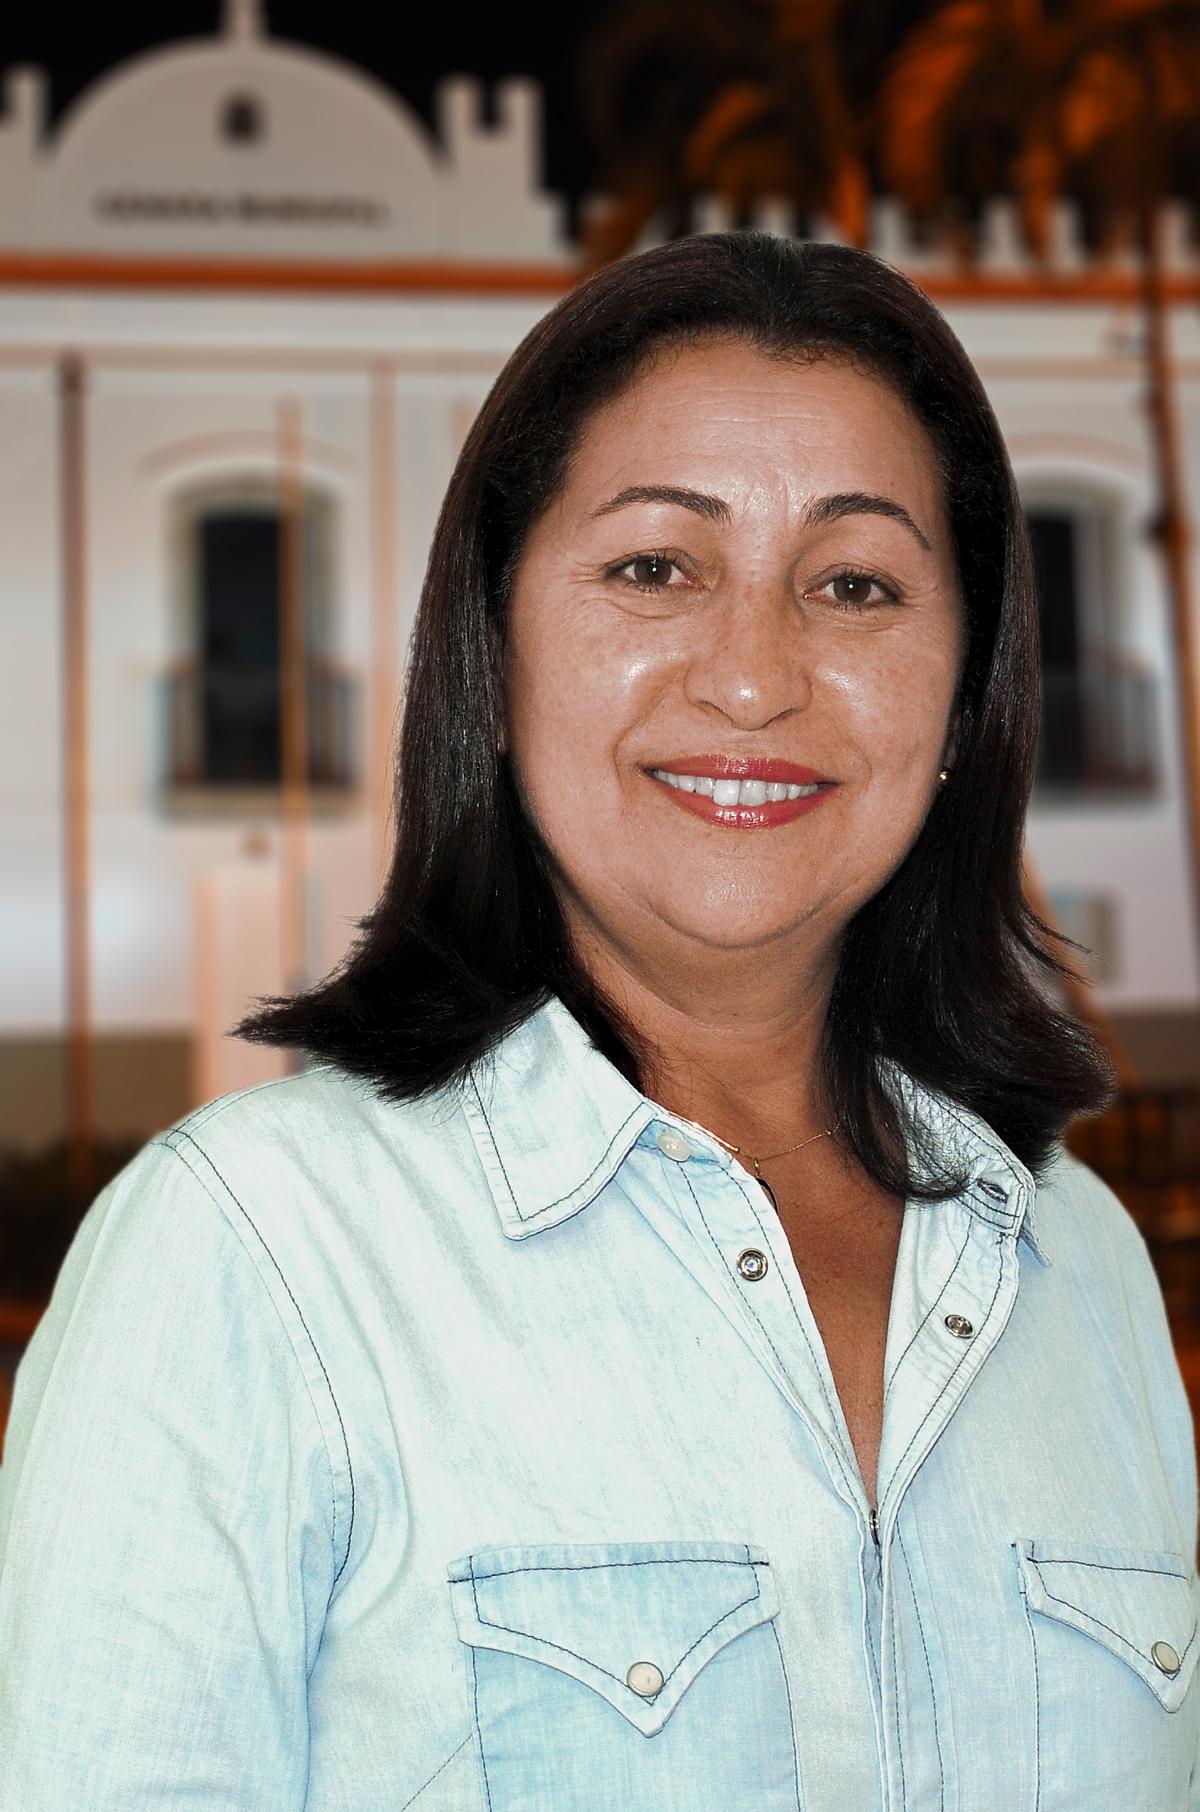 Jane Veiga